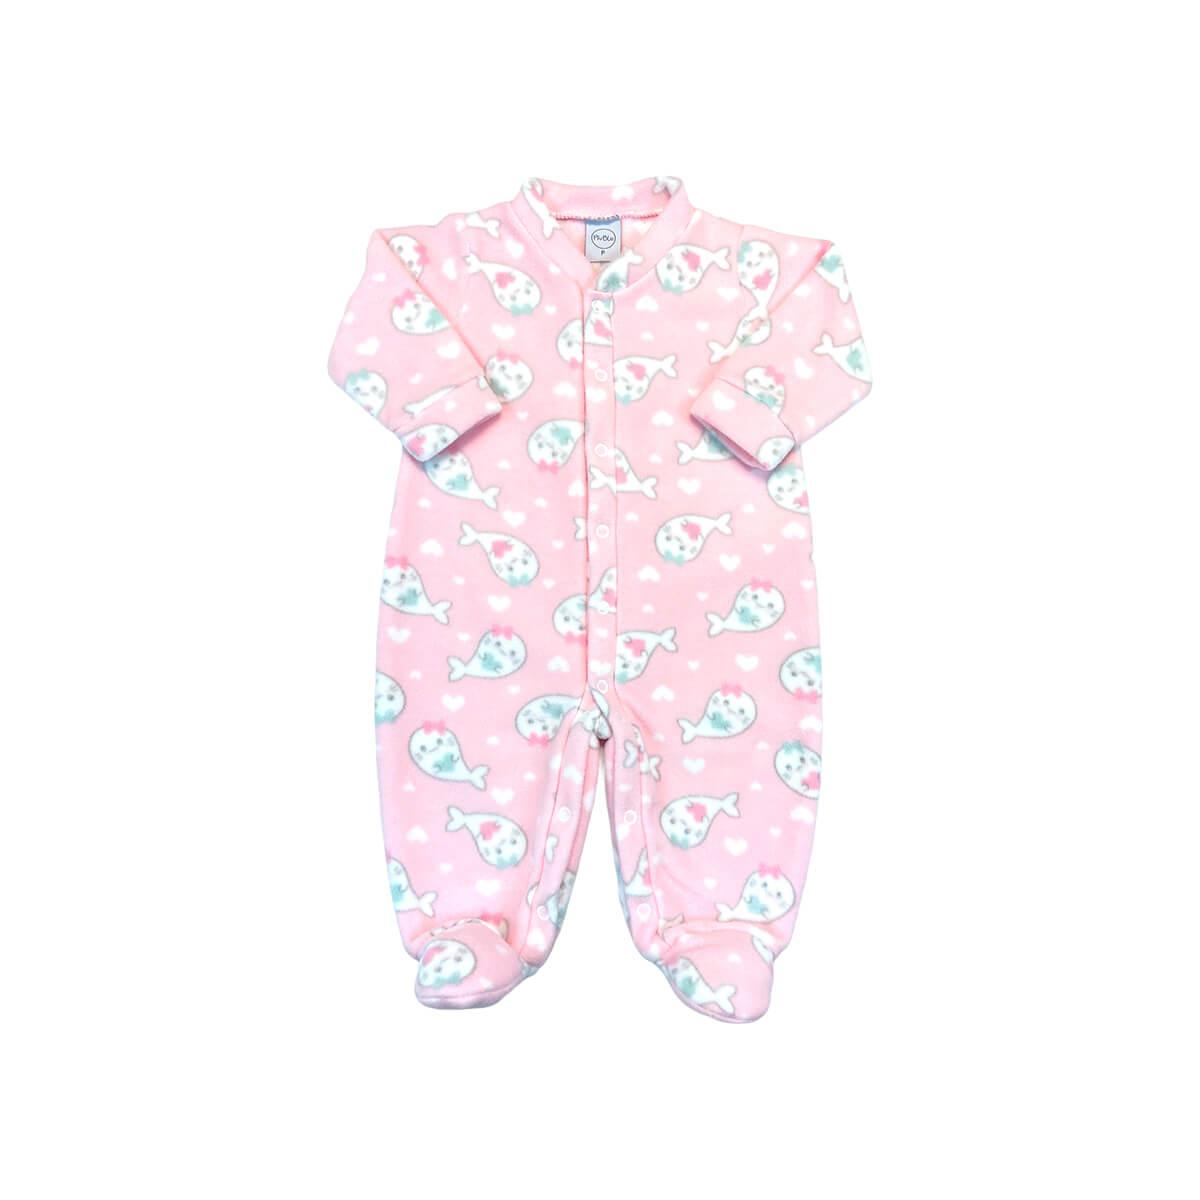 Macacão Soft Peixinhos Rosa - Todos os tamanhos com pezinho